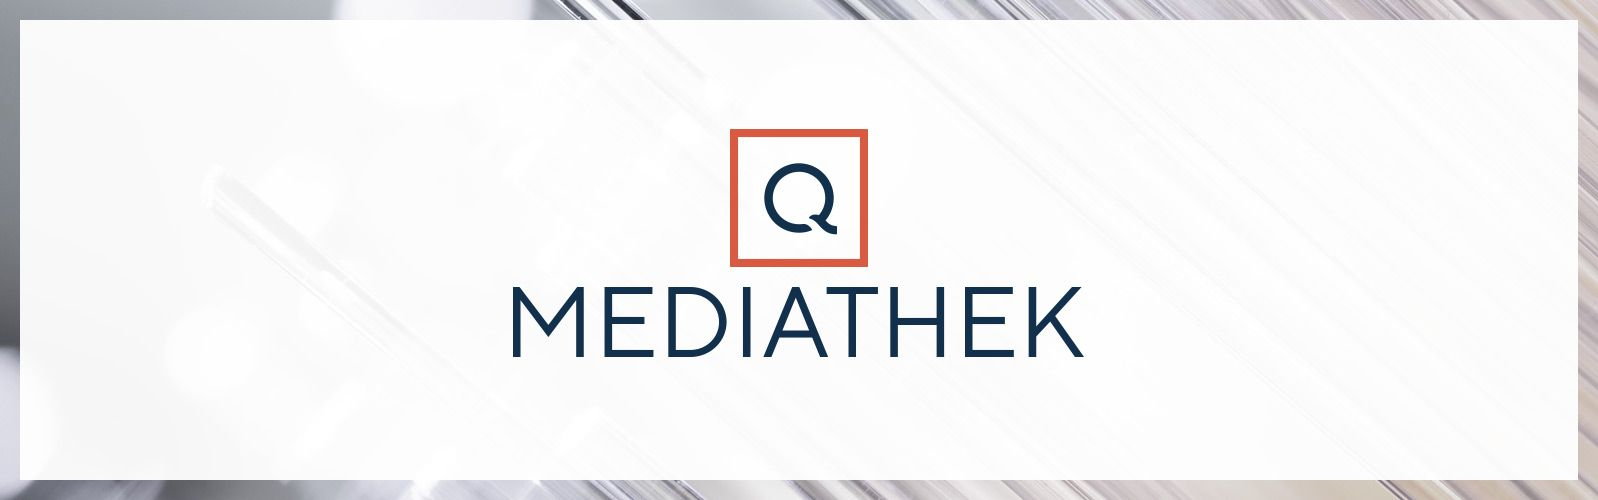 QVC Mediathek